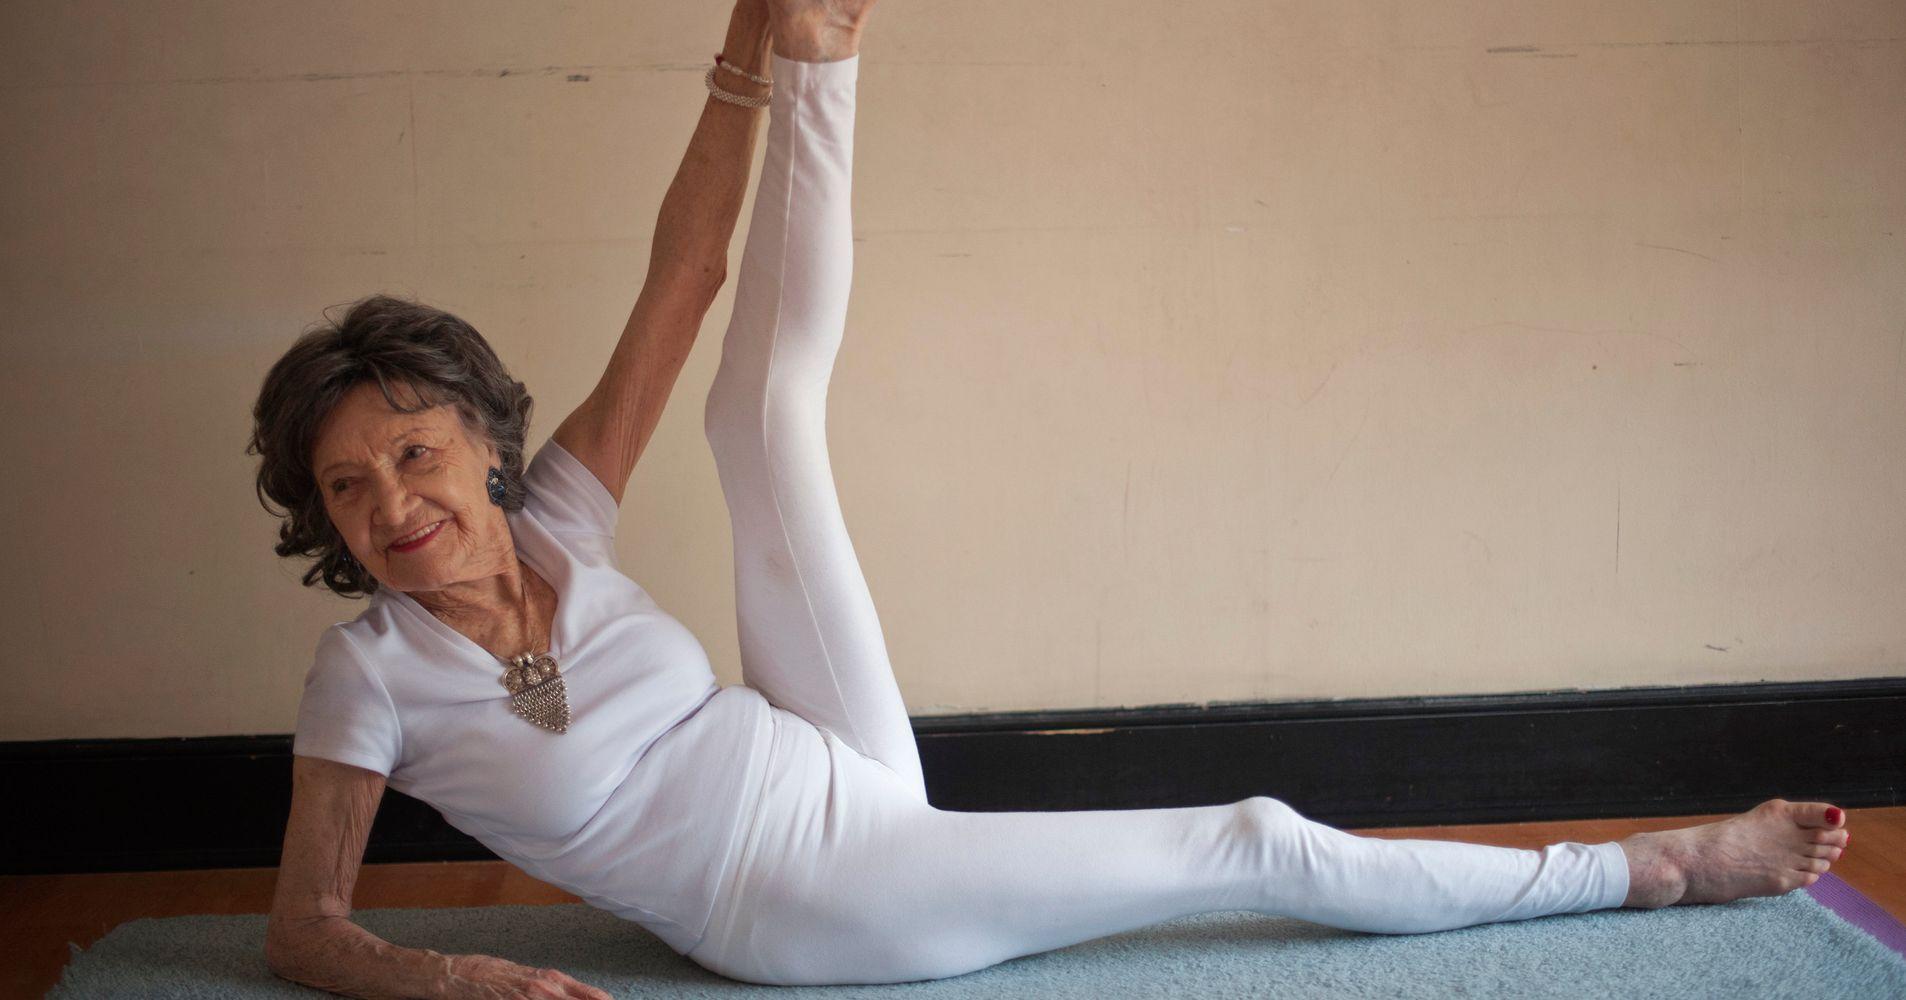 World's Oldest Yoga Teacher Shares 3 Secrets For Lifelong ...